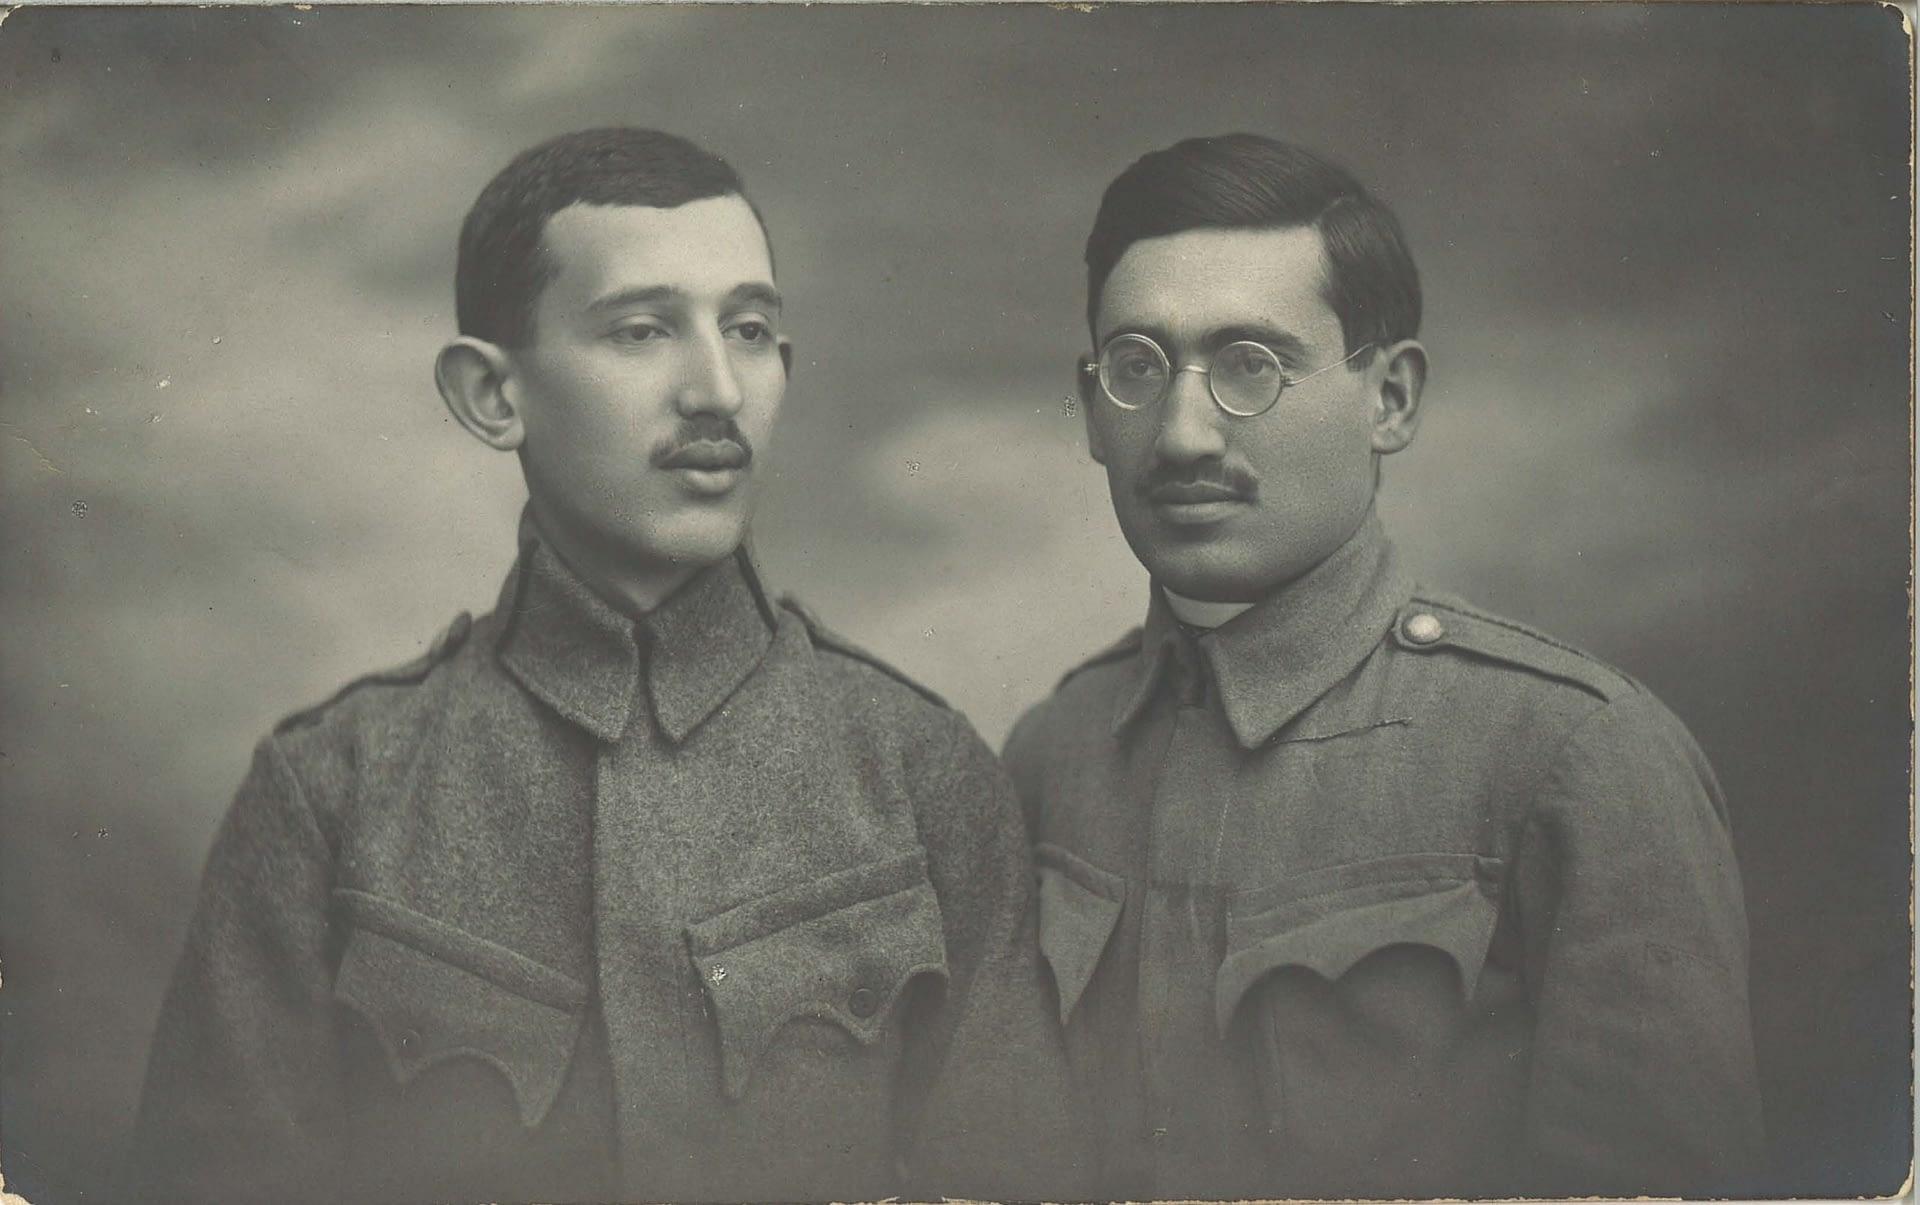 IDENTIFIED: Moshe Karen (right)